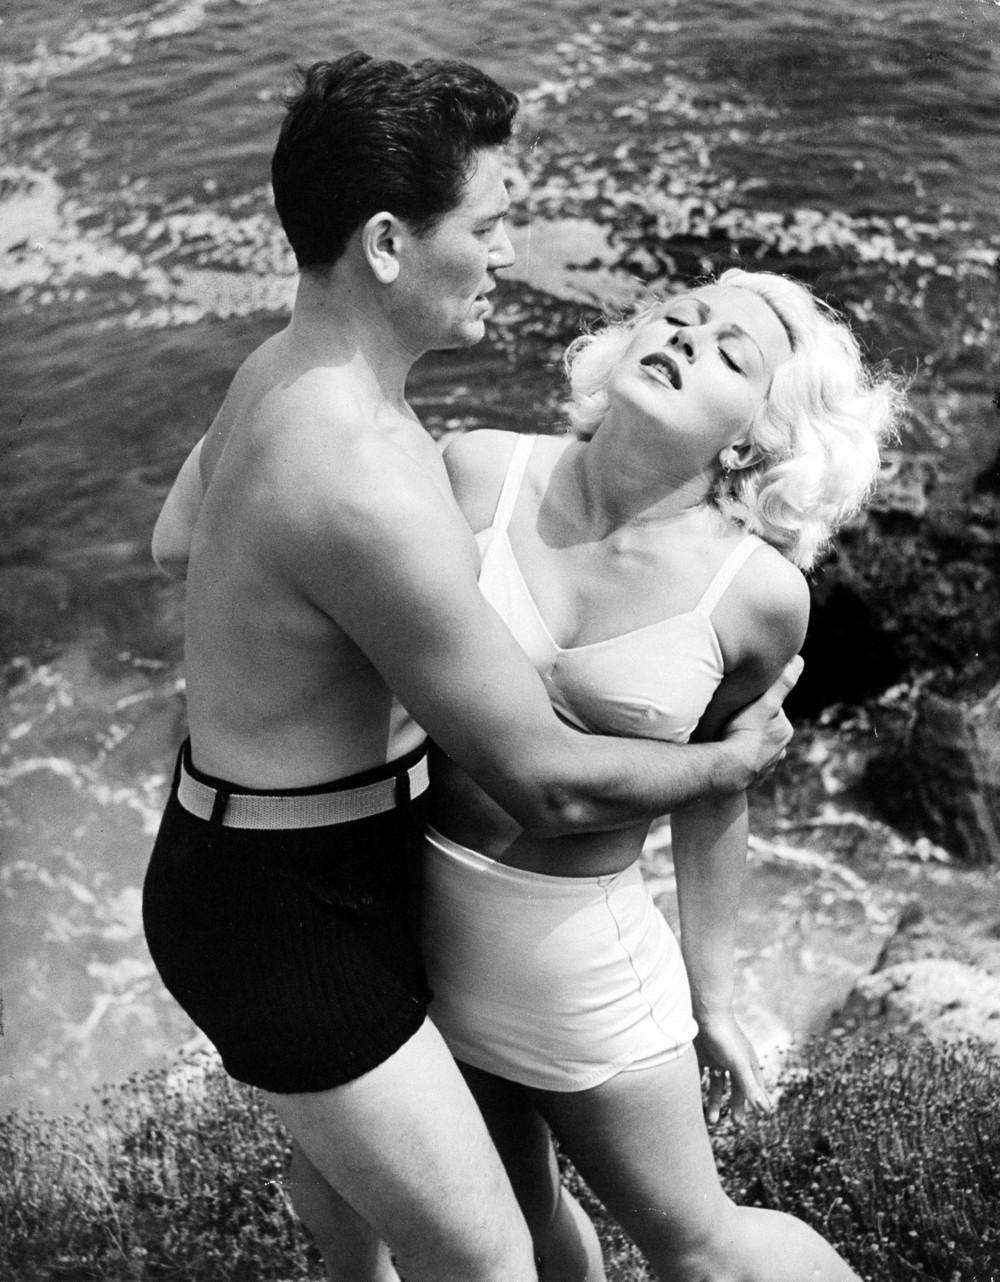 Актёры Лана Тёрнер и Джон Гарфилд на съёмках фильма «Почтальон всегда звонит дважды». Калифорния, США, 1945. Уолтер Сандерс